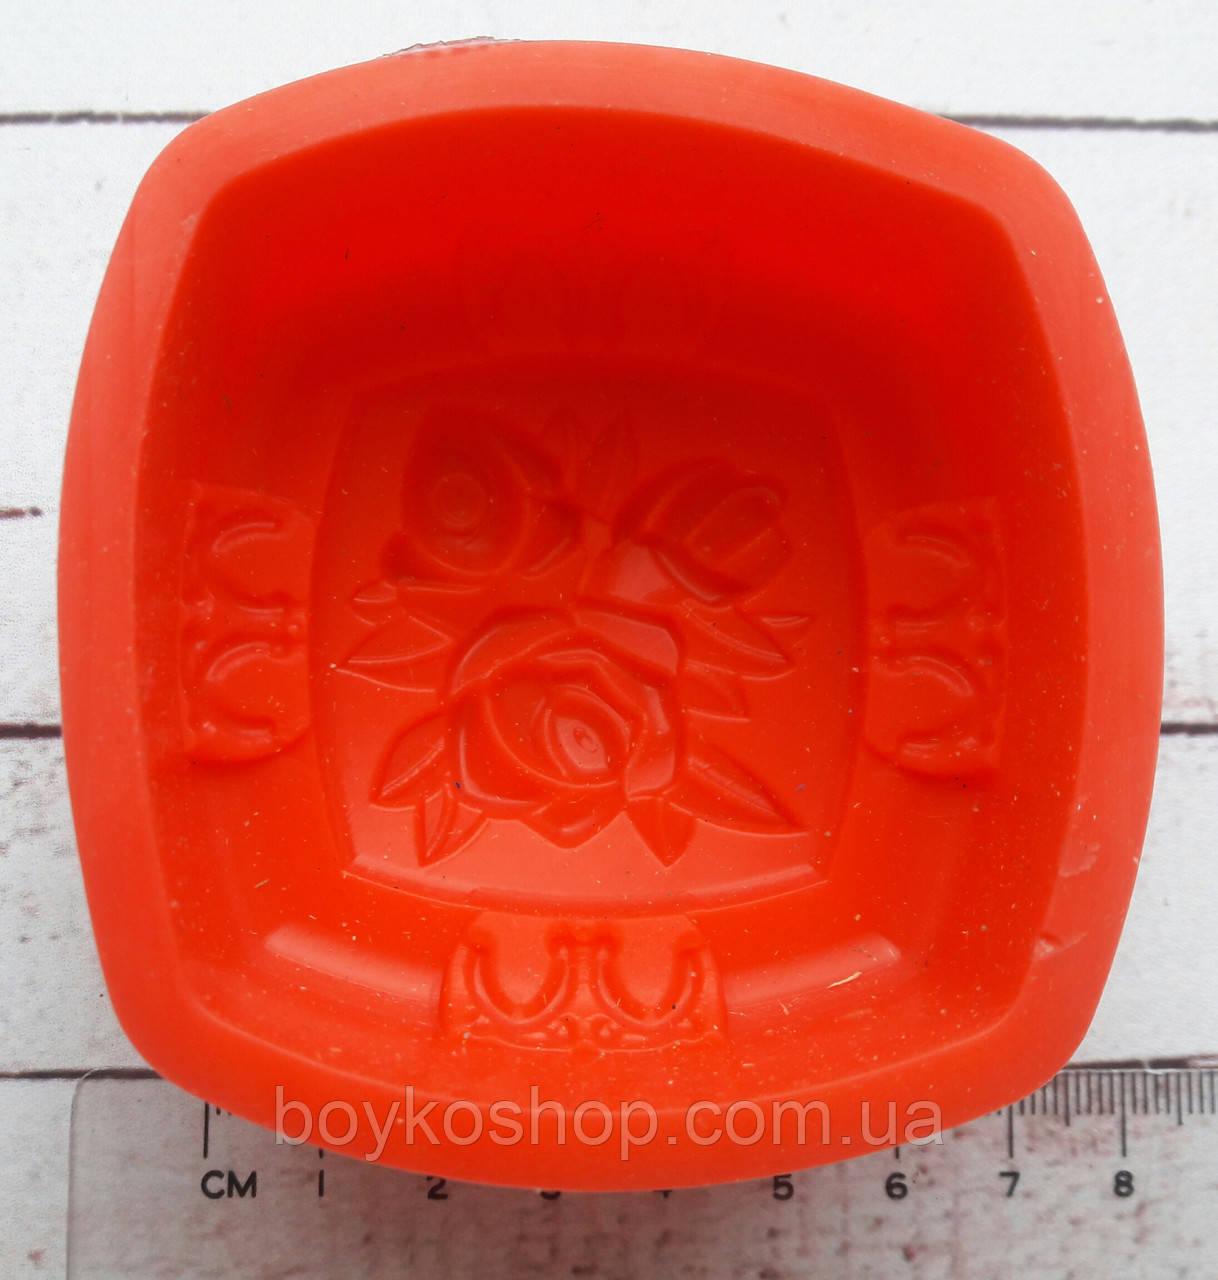 Форма для мыла силиконовая Роза 6,5*3,5 см